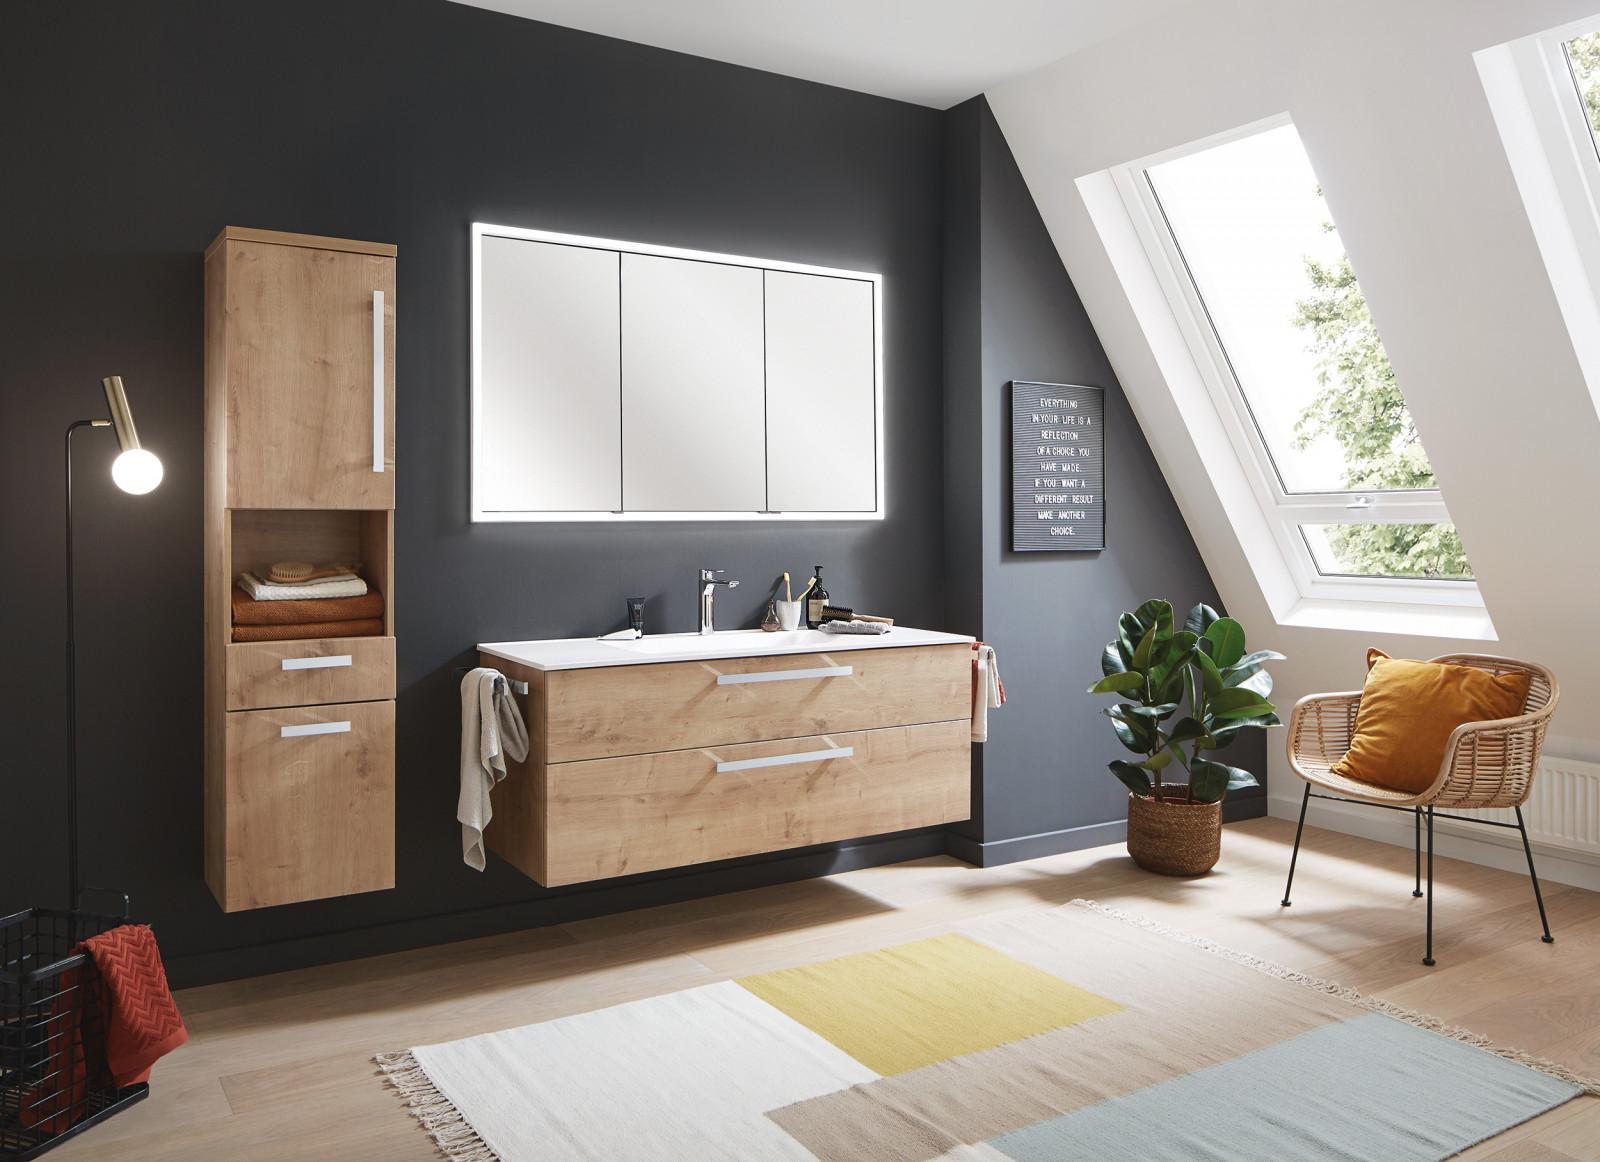 Waschbecken und Möbel